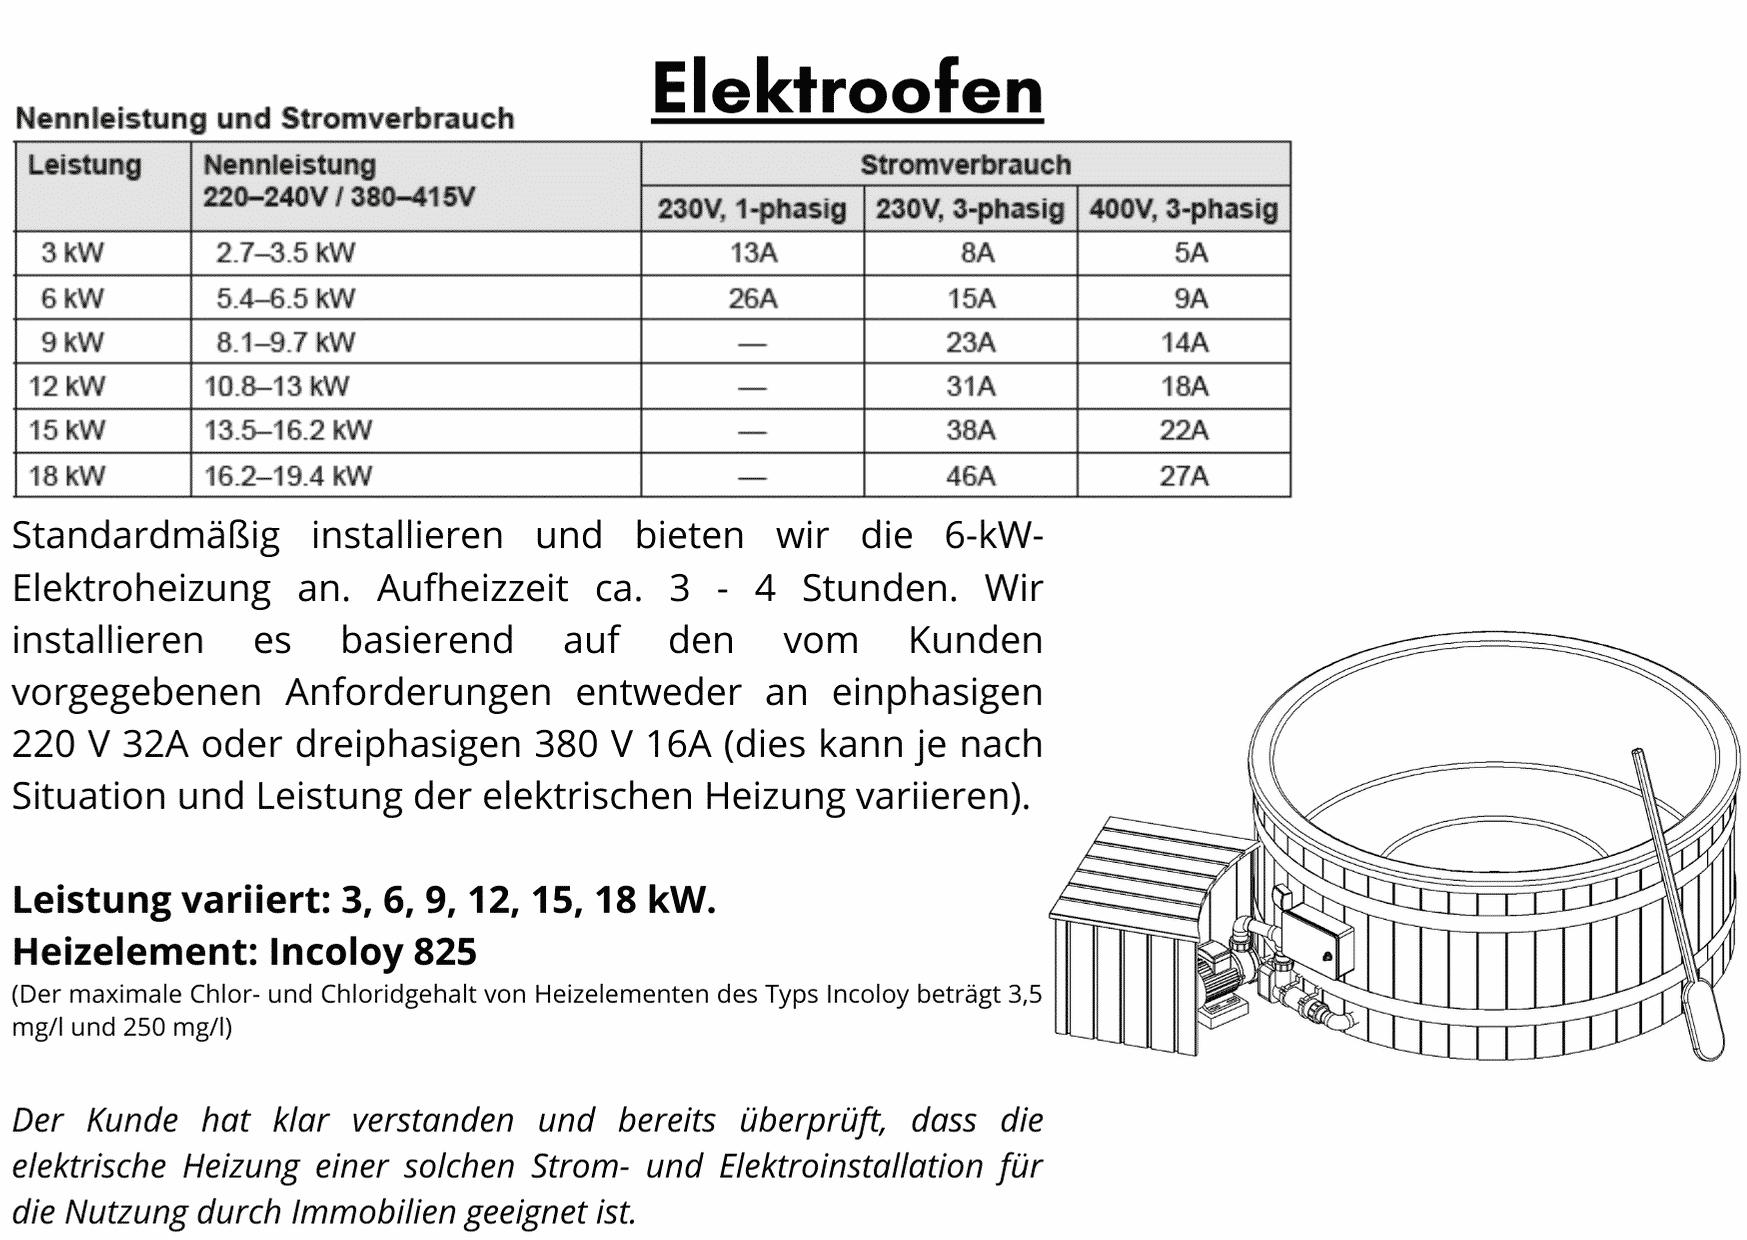 Elektroofen 1